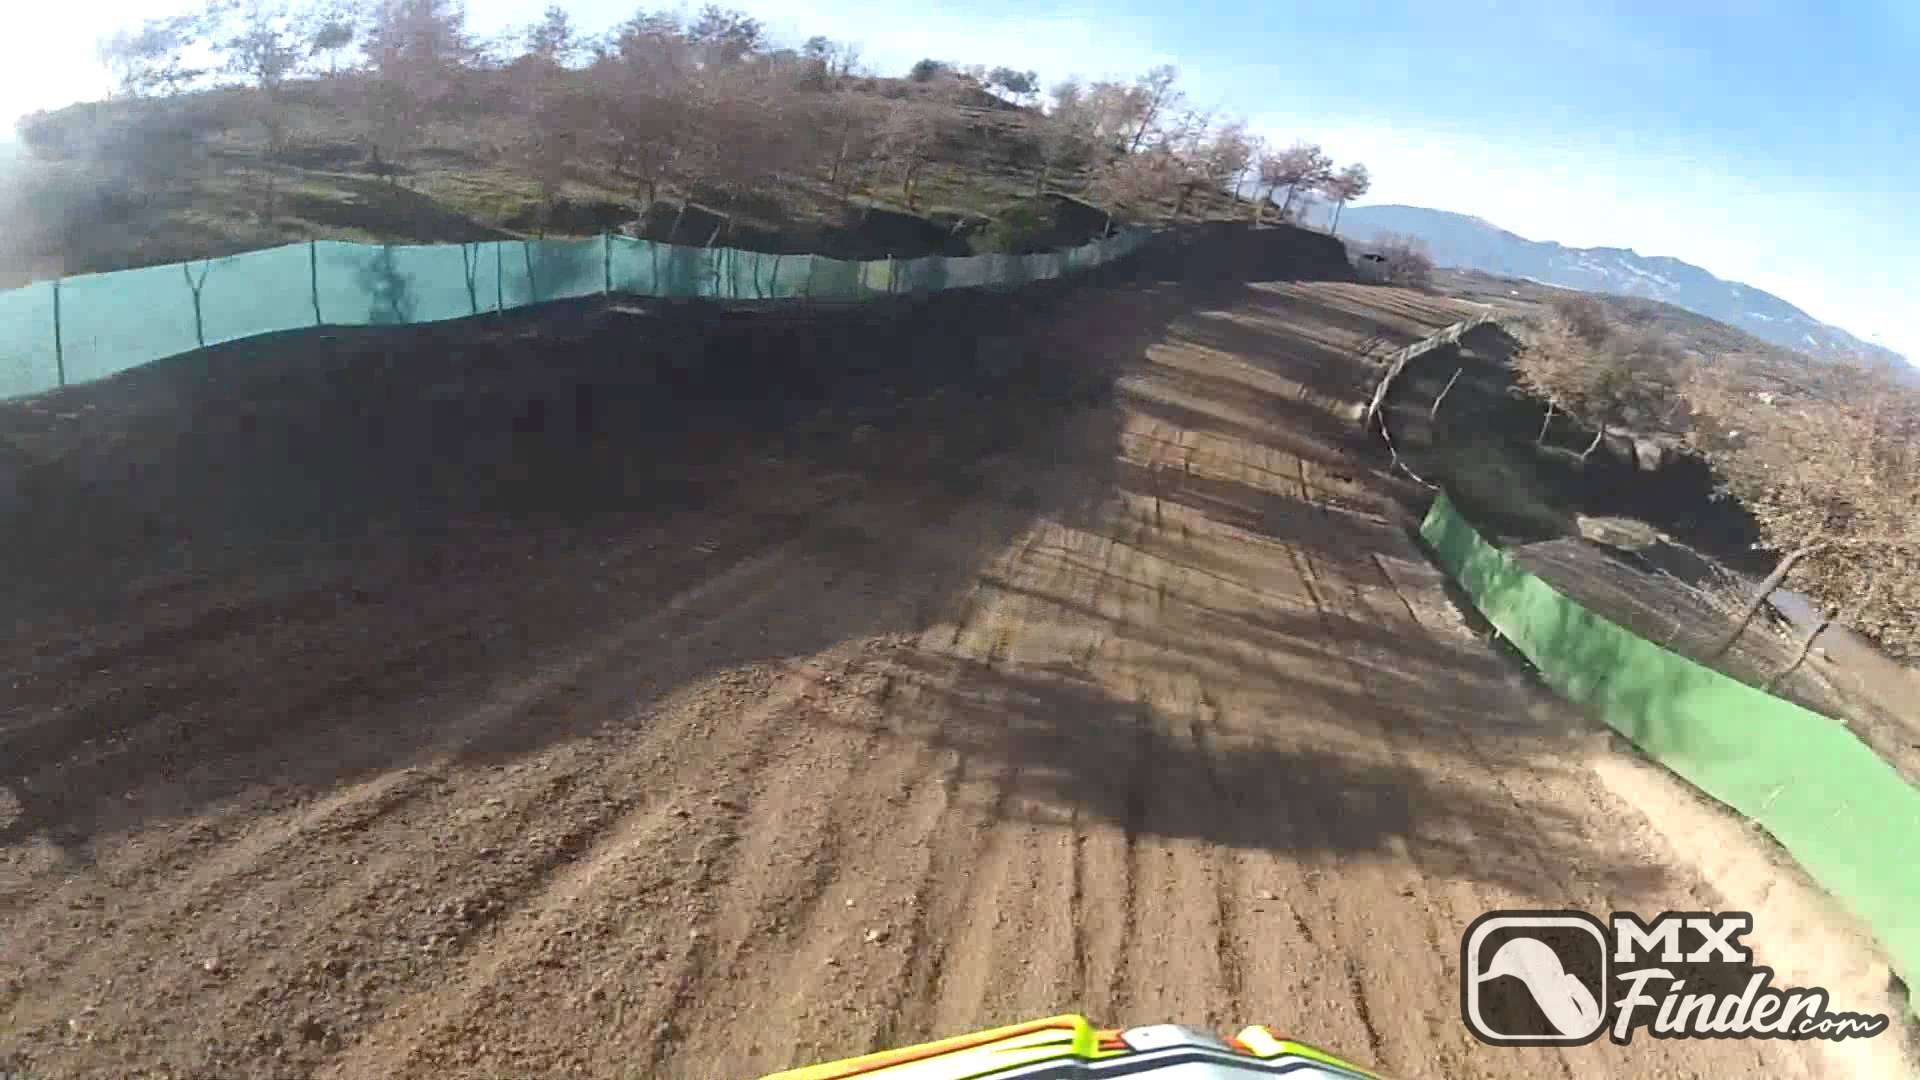 motocross, Clot de l'infern, Olvan, motocross track